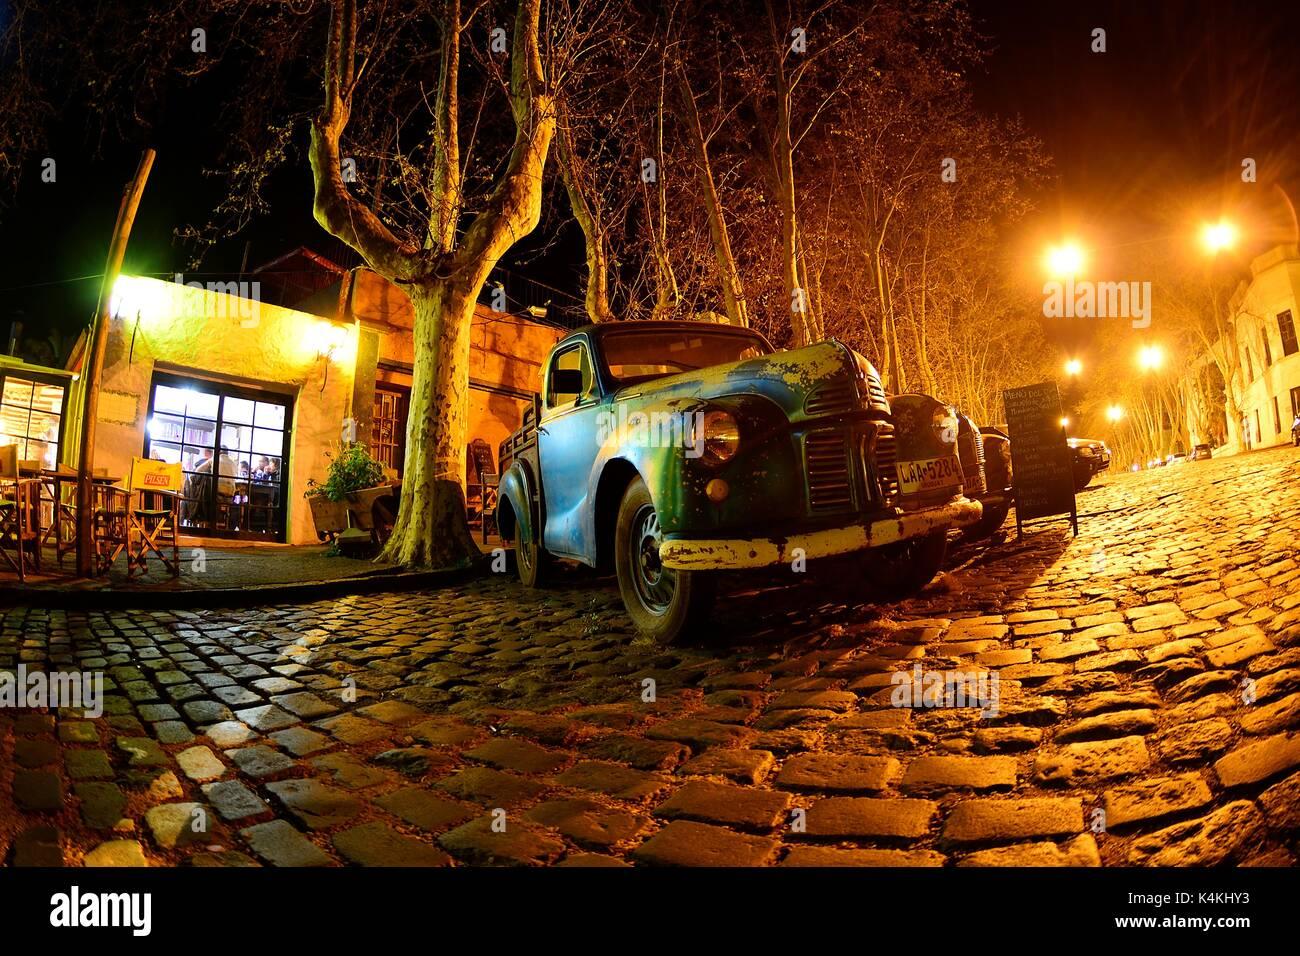 Oldtimer Autos auf der Straße mit Kopfsteinpflaster, Avenida Gral Flores in der Nacht, Colonia del Sacramento, Uruguay Stockbild